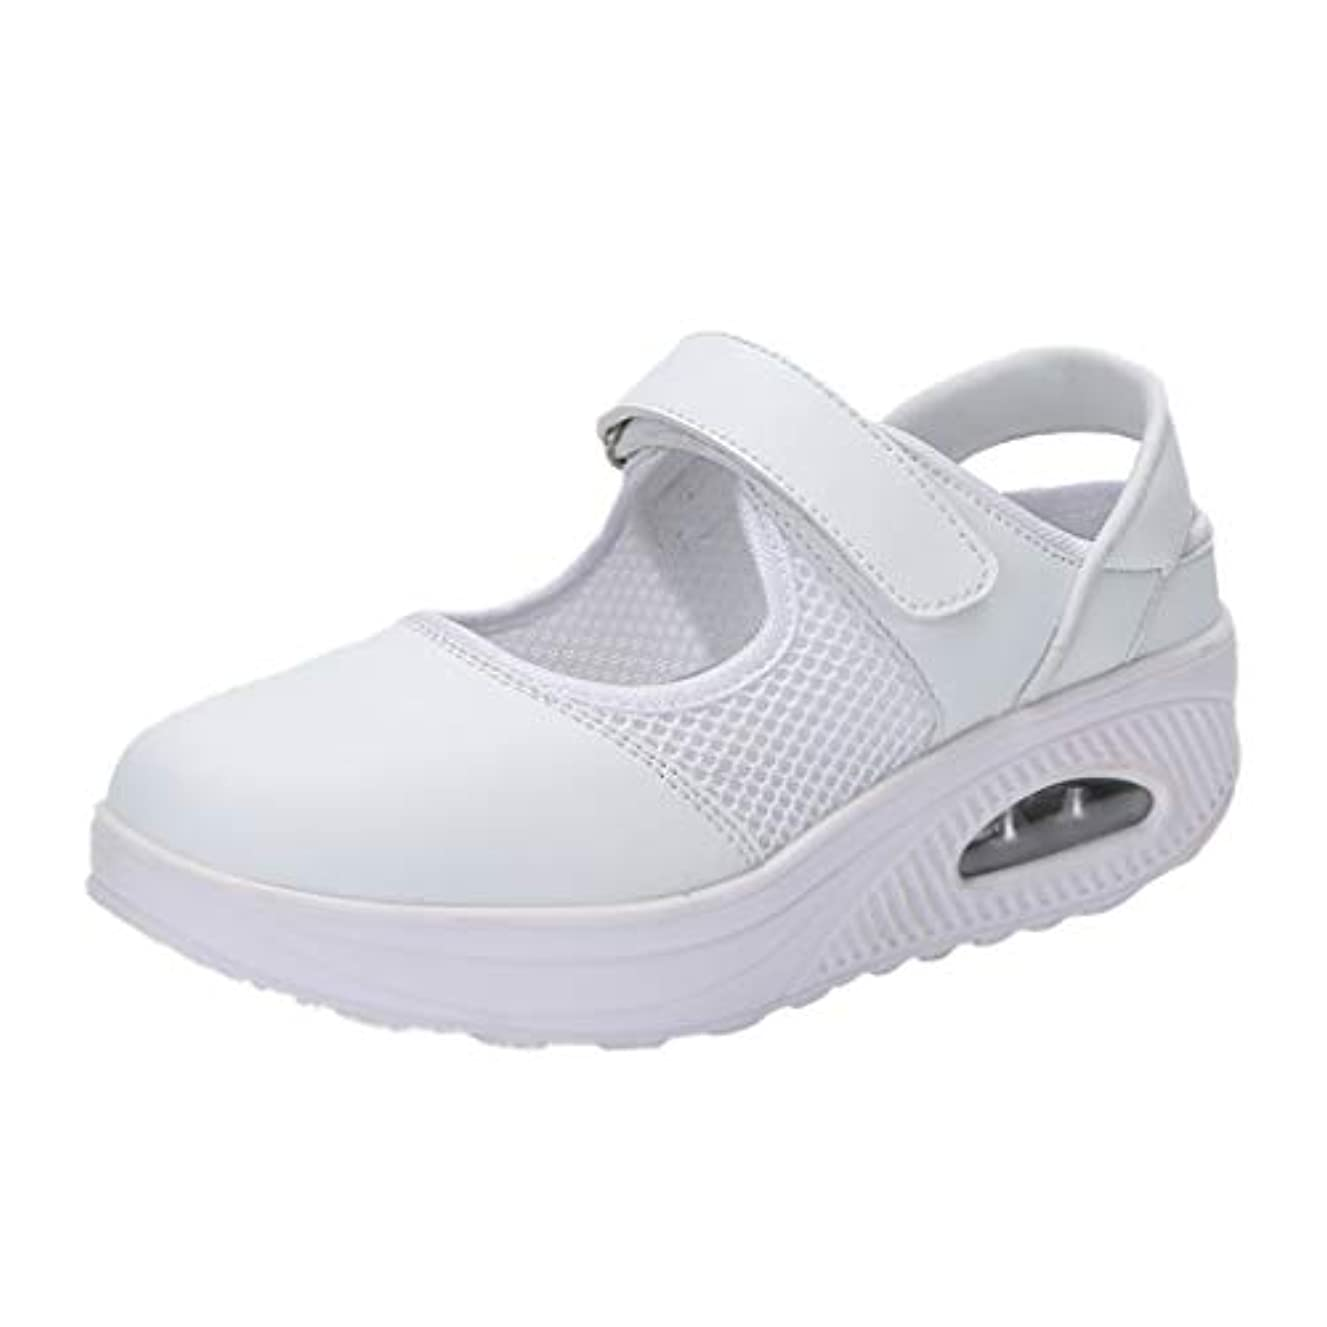 待ってスラム街ピースナースシューズ liqiuxiang お母さん 婦人靴 スボーツスニーカー ウォーキングシューズ 看護師 作業靴 軽量 マジックタイプ スニーカーサンダル ケアセフティ レディース